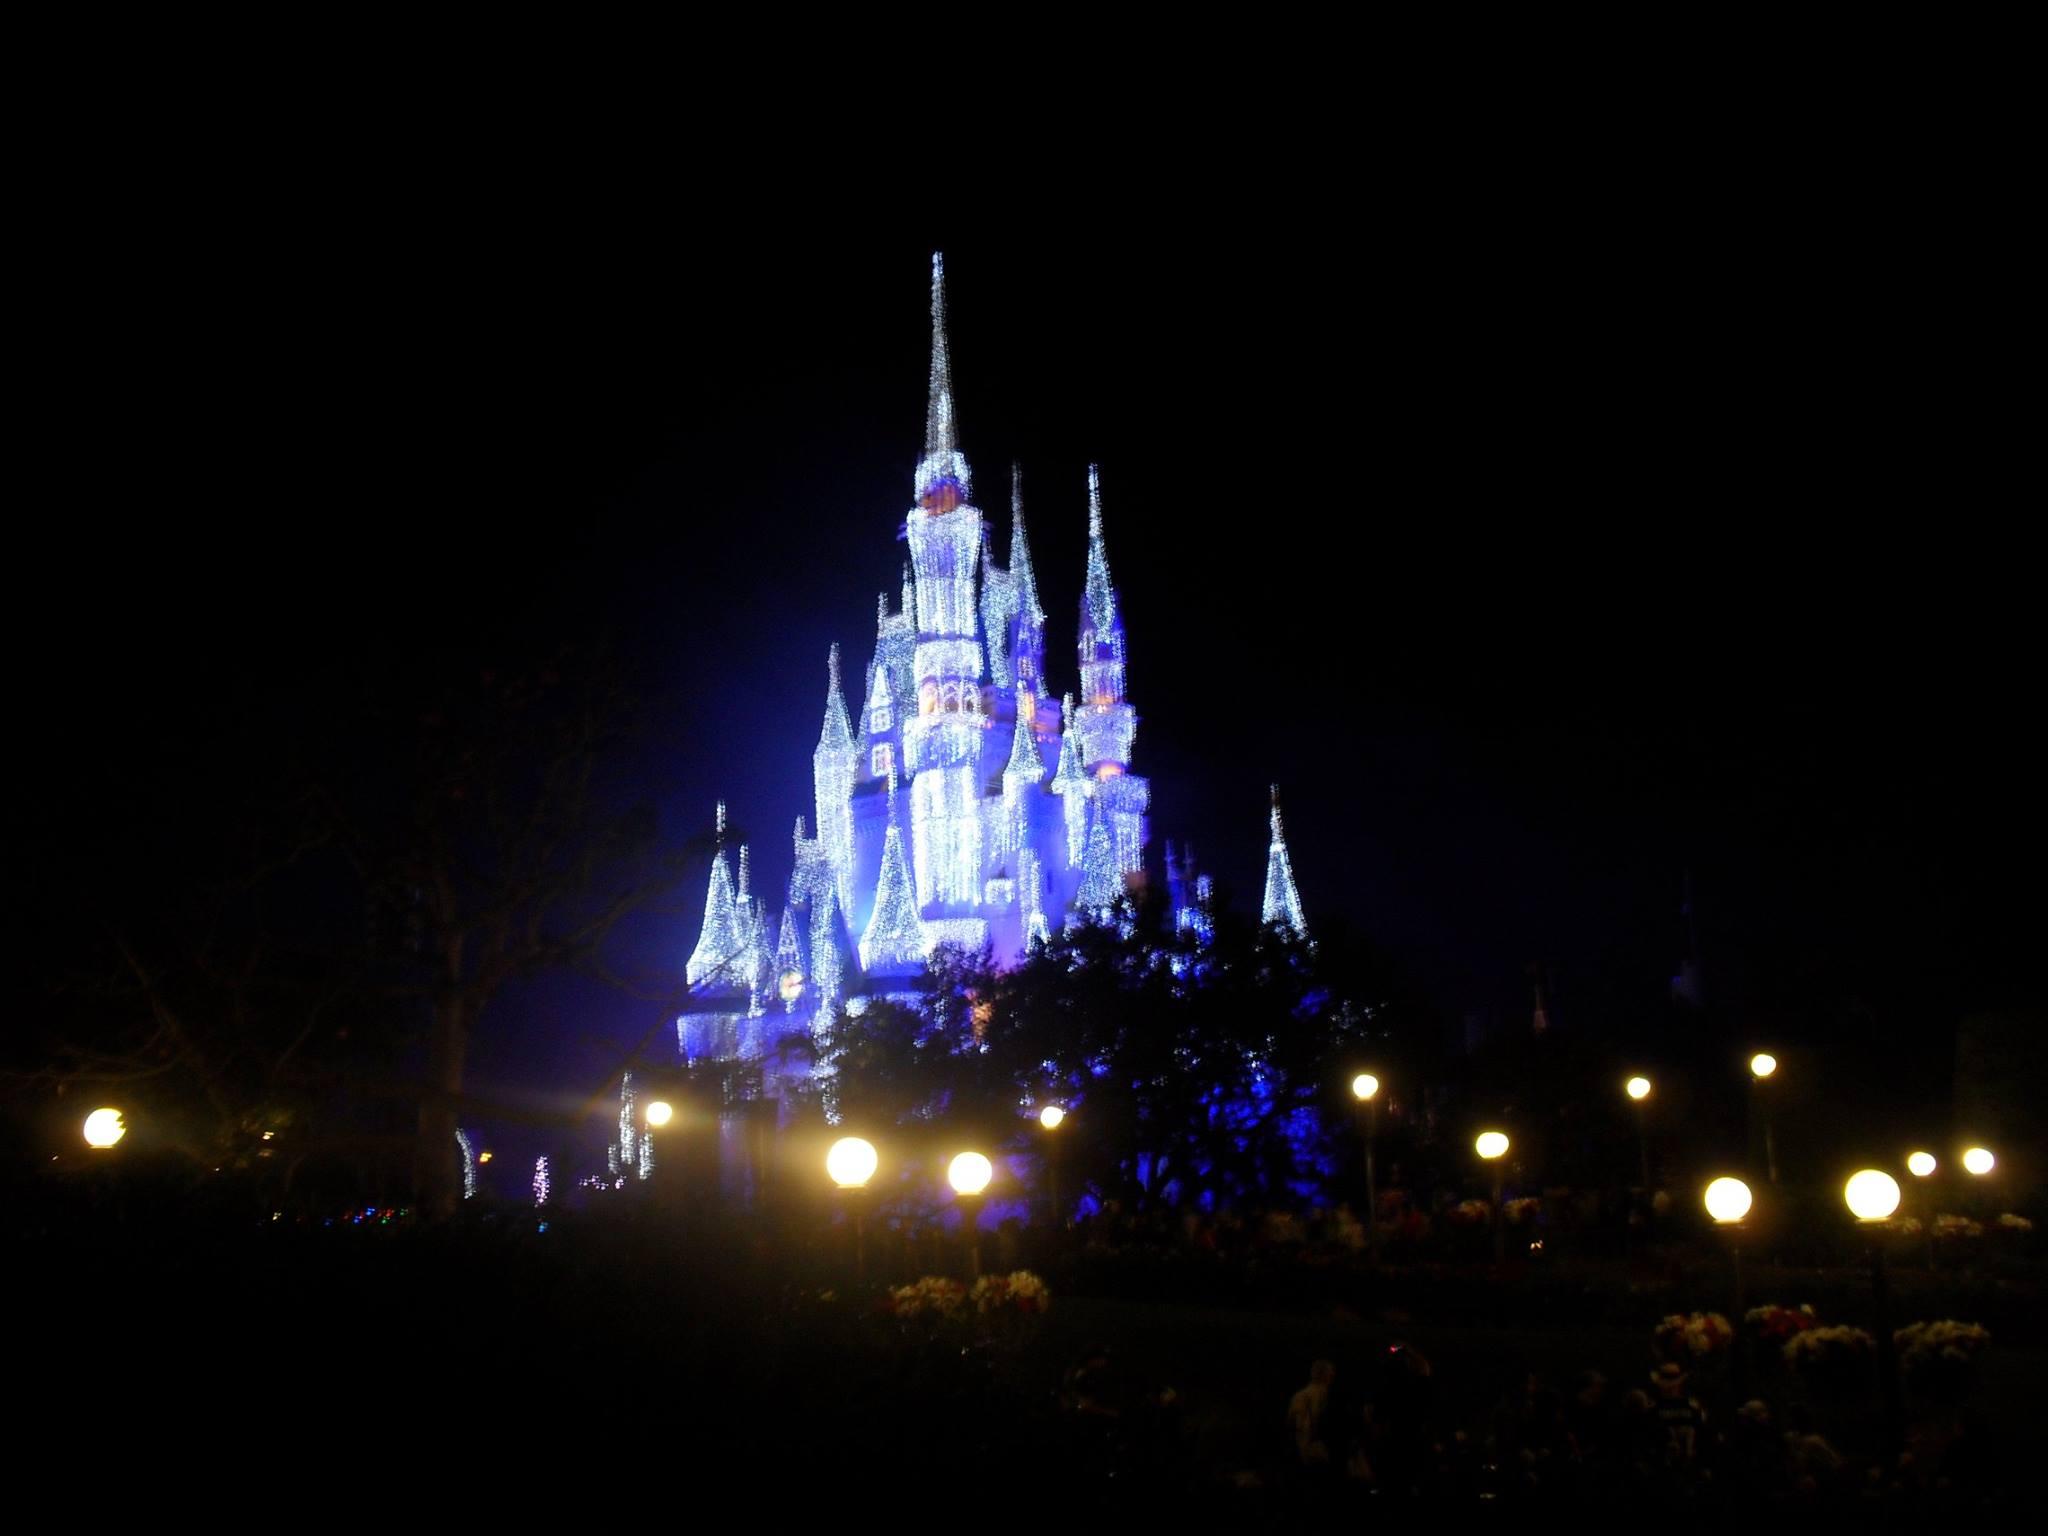 Cinderella Castle Christmas Lights.Cinderella Castle With Christmas Lights 2011 Wdwmagic